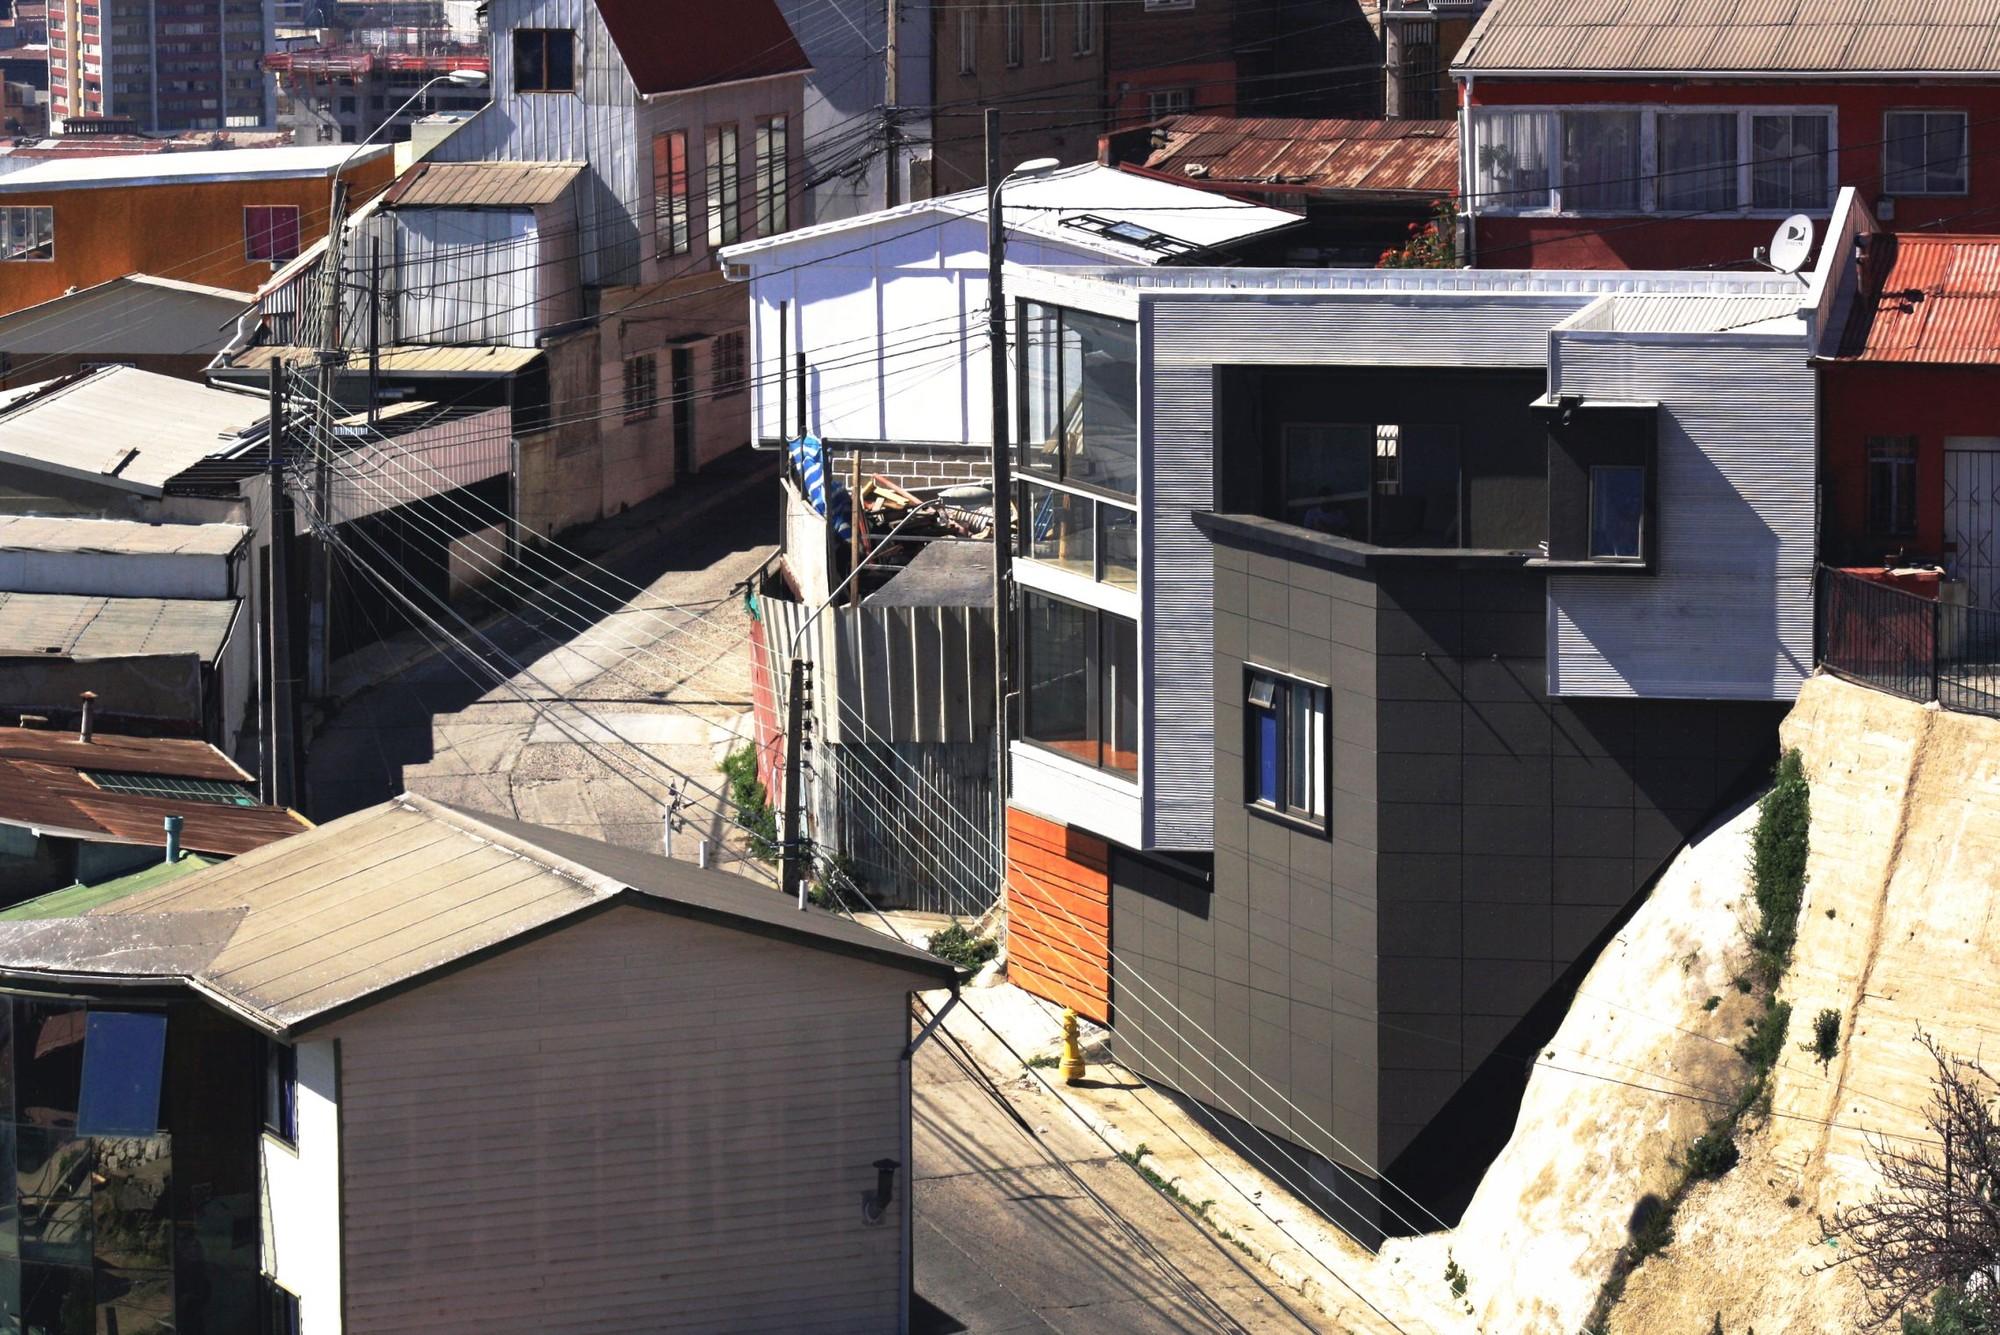 Galeria de casa monjas molo arquitectos 5 for Piani casa molo